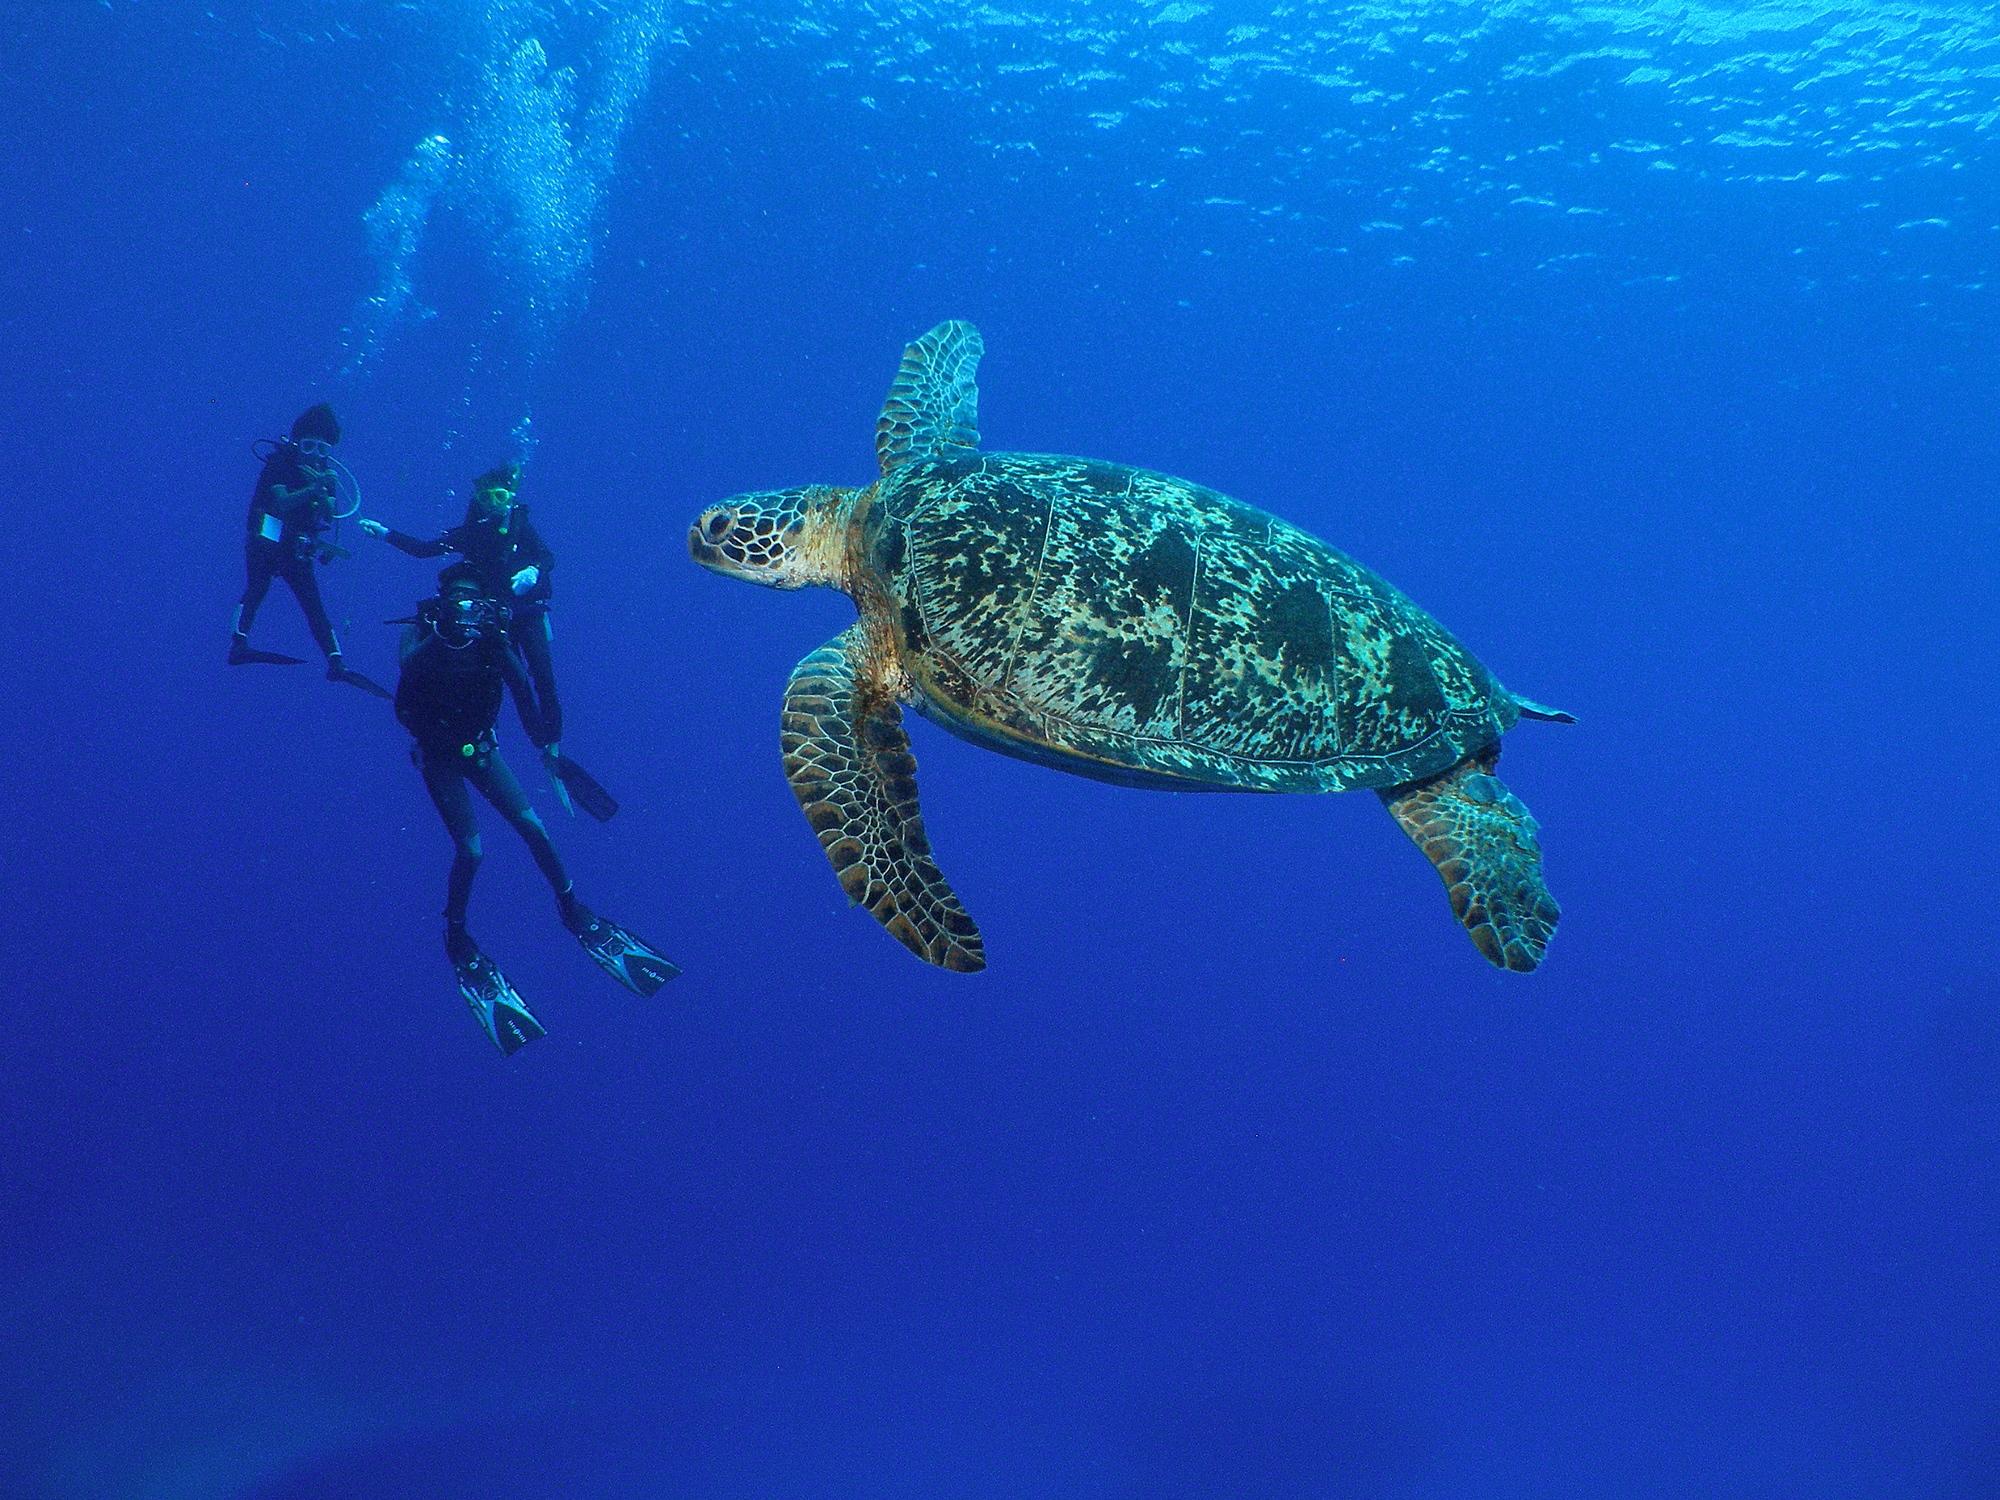 【保存版】沖縄ダイビングまとめ!渡名喜島のダイビングポイントをご紹介